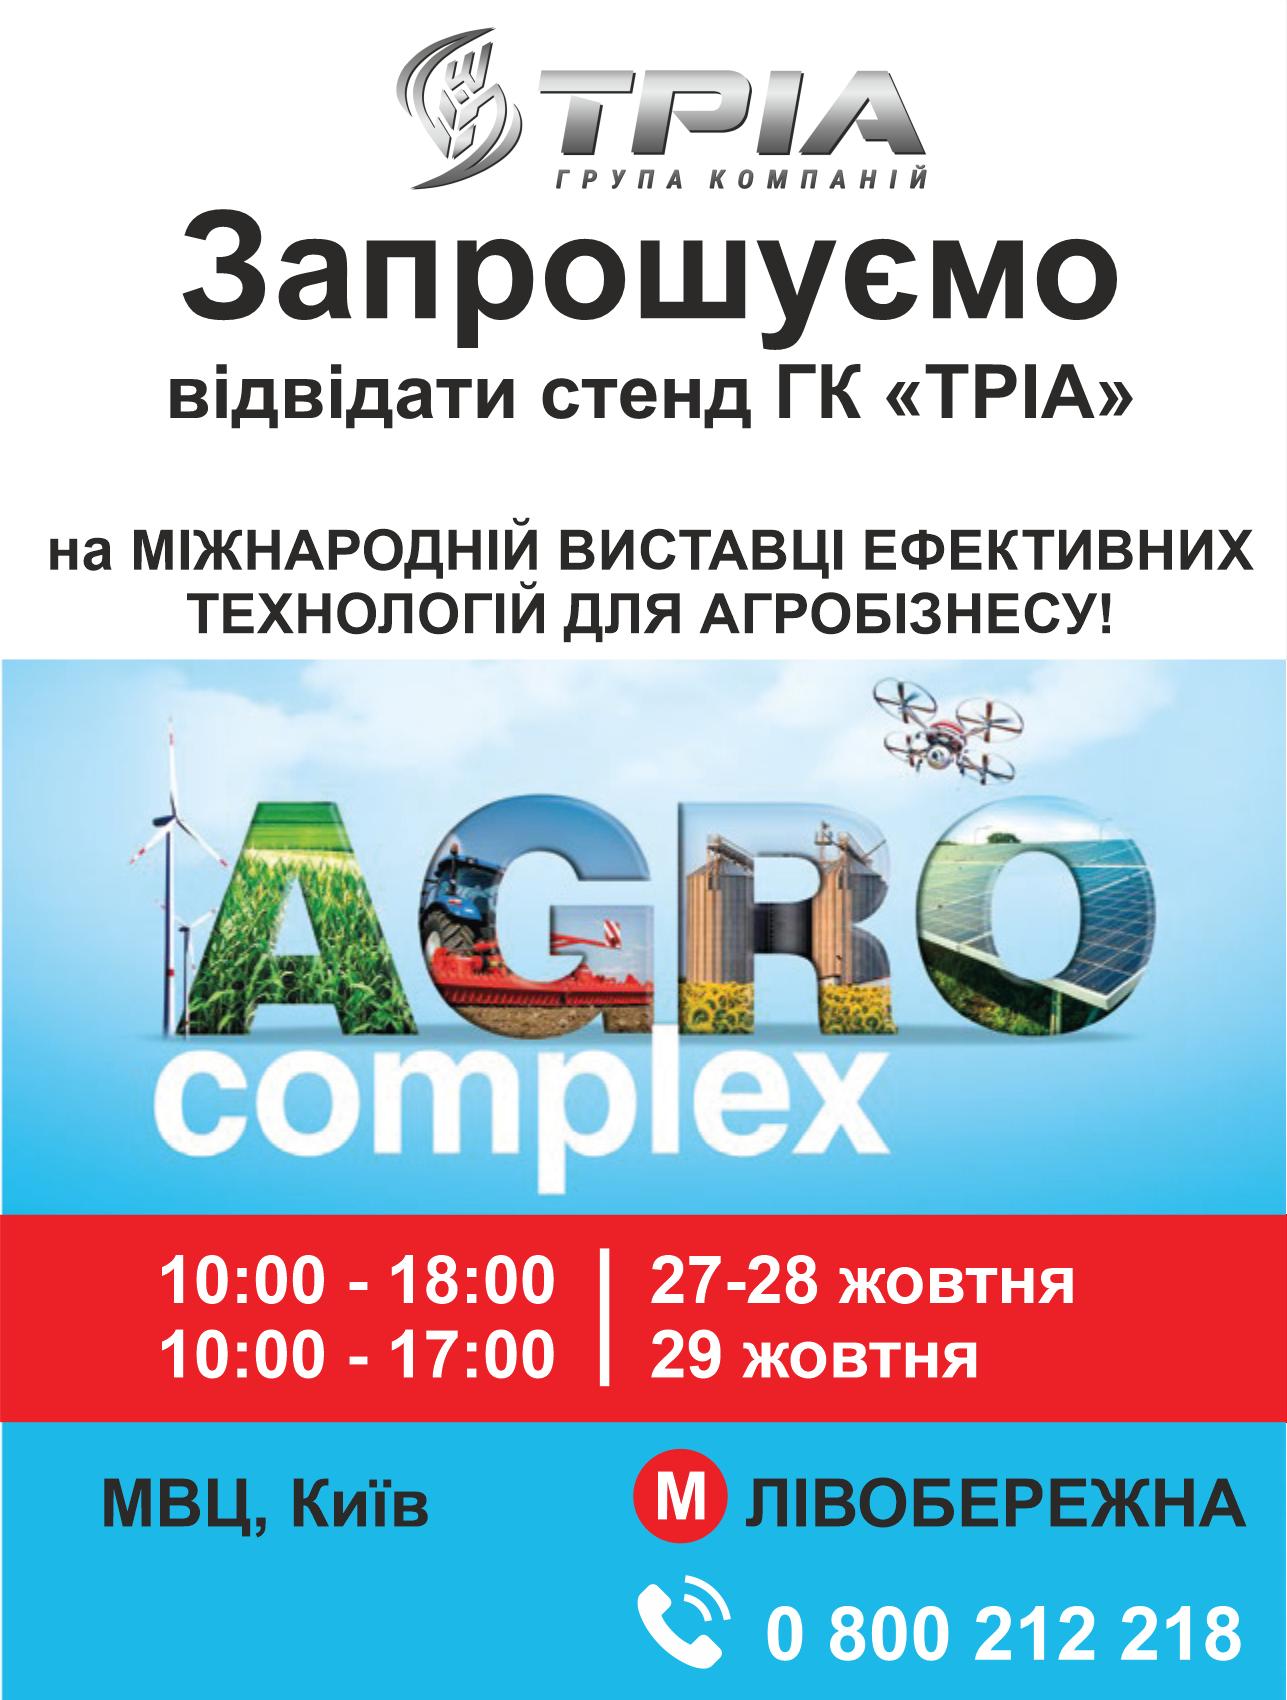 ЗАПРОШУЄМО ВАС на виставку AgroComplex 2021